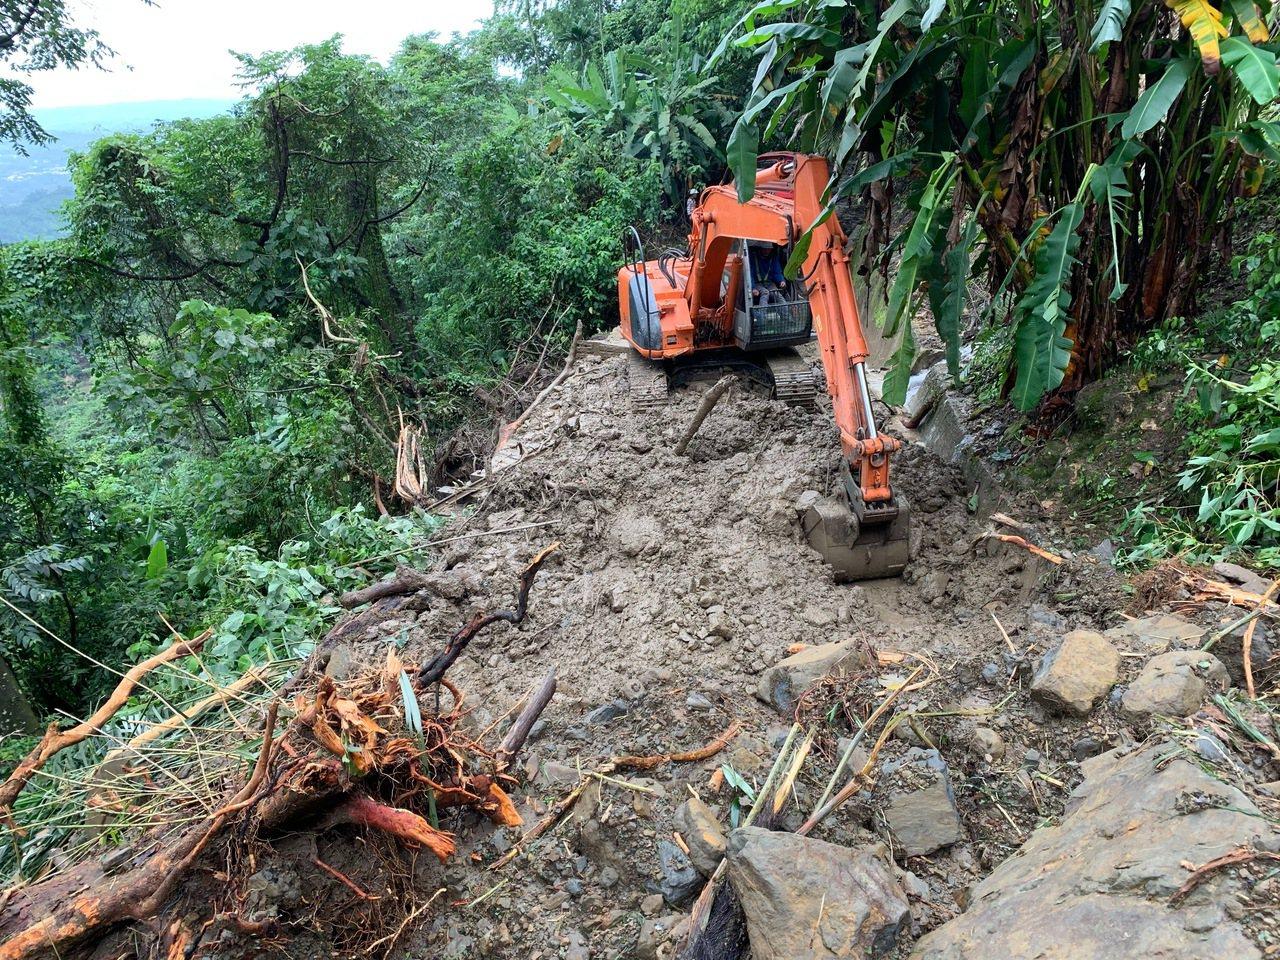 林鐵工作人員為避免土石影響下方民宅安全,以工程車運移。圖/阿里山林鐵提供